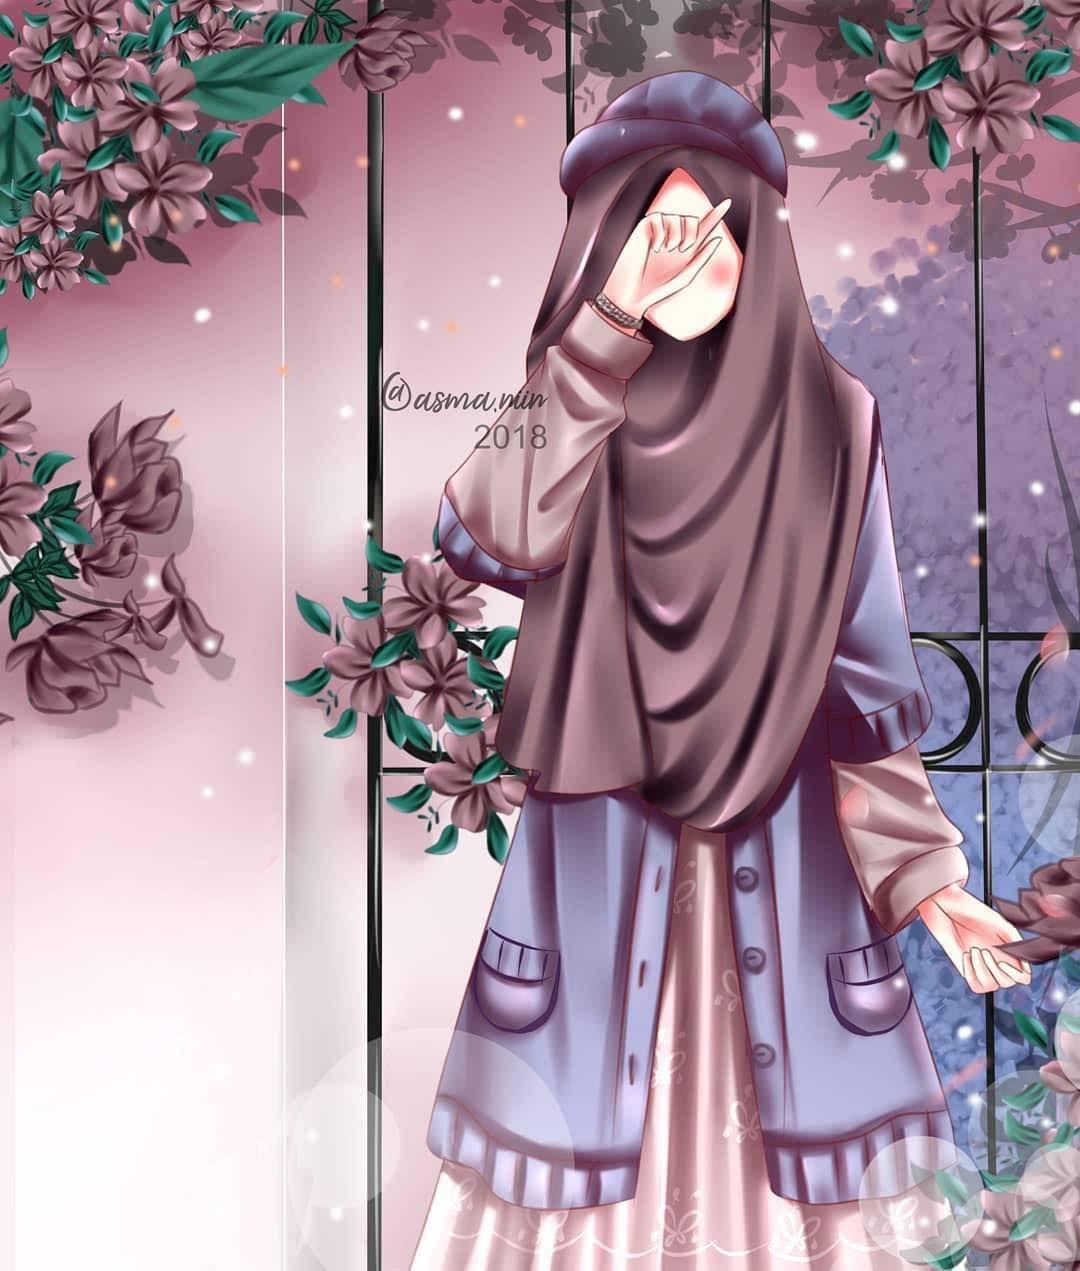 Muslimah Sejati Di Instagram Bismillah Nabi Shalallahu Alaihi Wa Sallam Bersabda Kenalilah Ingatlah Allah Di Waktu Senang Pas Kartun Animasi Gambar